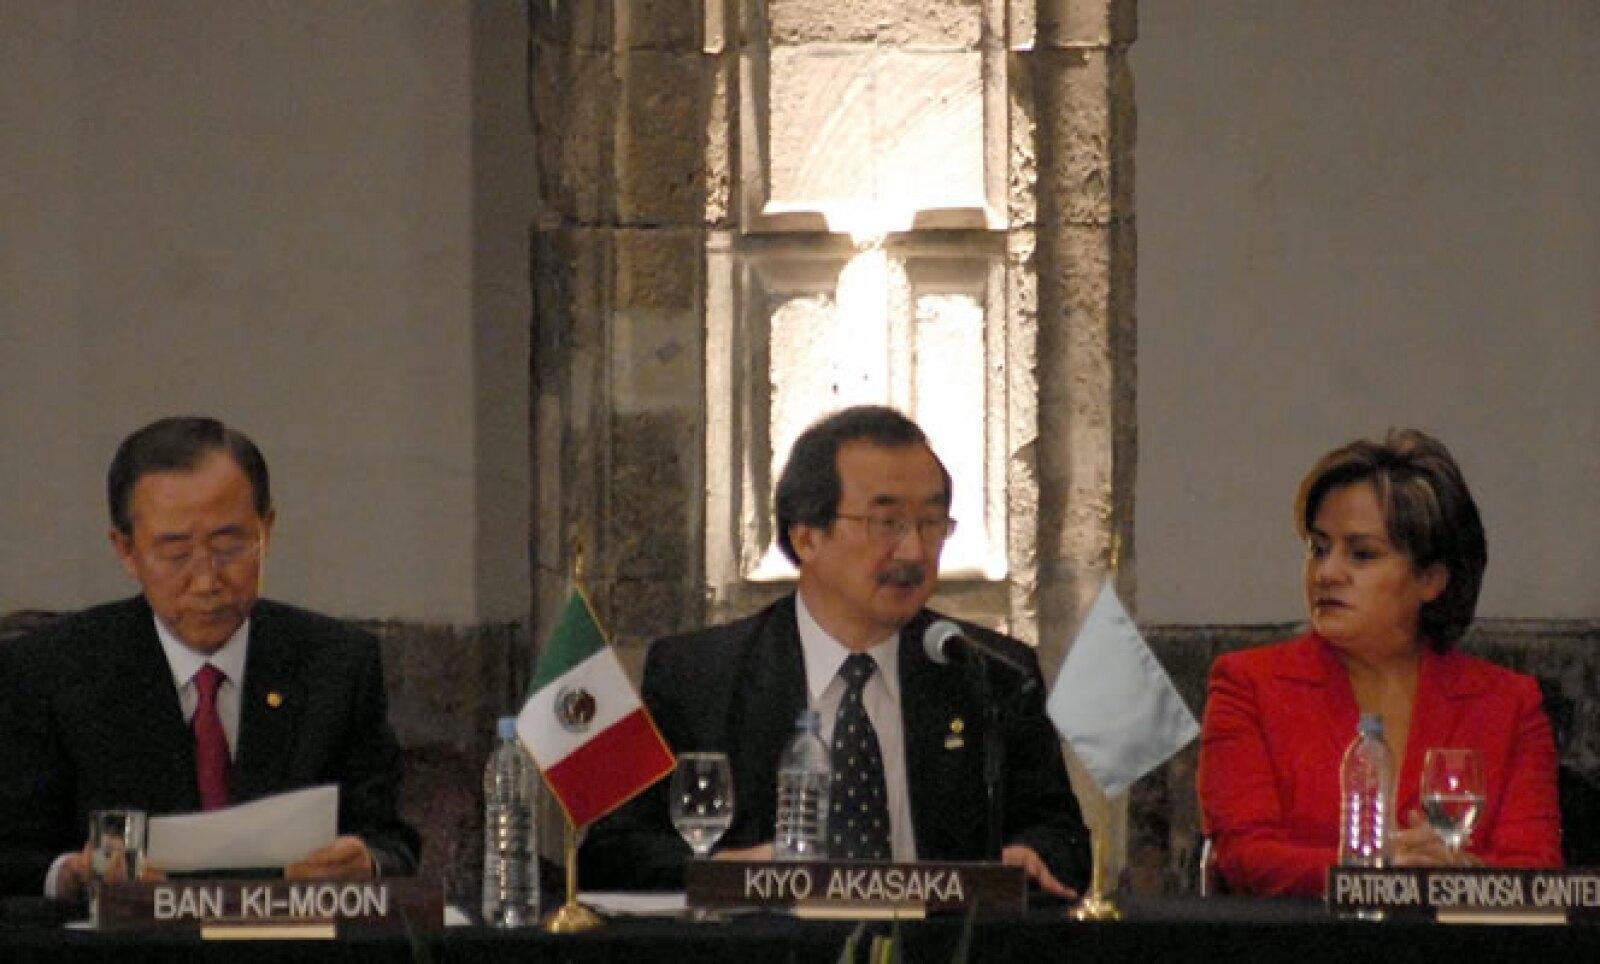 """Ban Ki-Moon, secretario general de la ONU, visita la Ciudad de México con motivo de la 62 Conferencia Anual NPI/ONG, titulada """"¡Desarme Ahora! Trabajemos por la Paz y el Desarrollo"""" que se llevó a cabo el miércoles."""